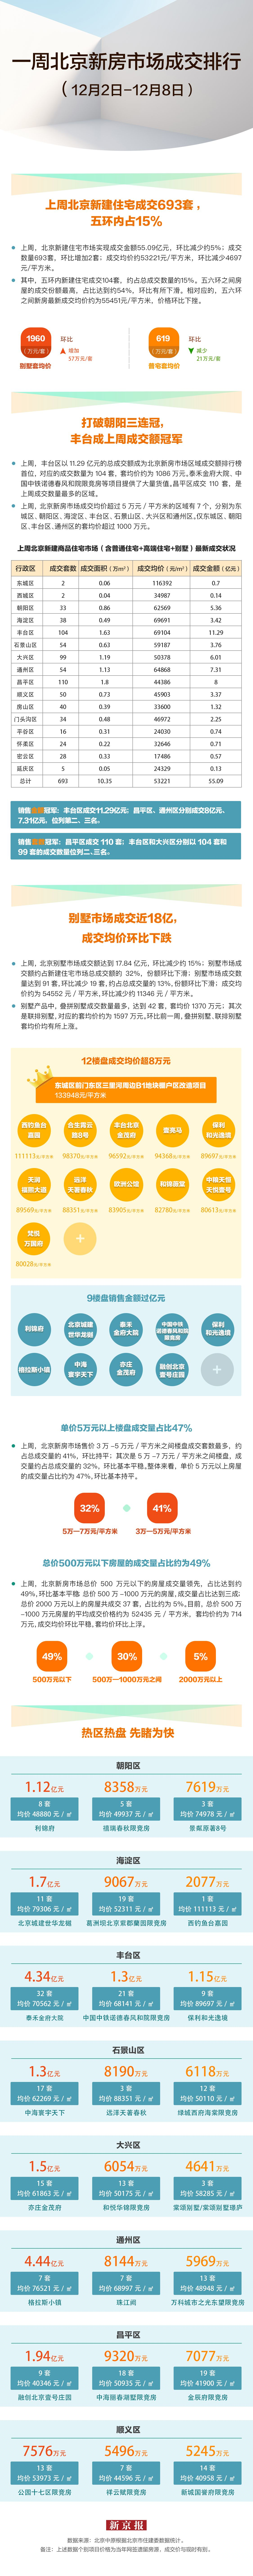 上周北京新建住宅成交55亿 丰台销售额夺冠</a>                   <a href=